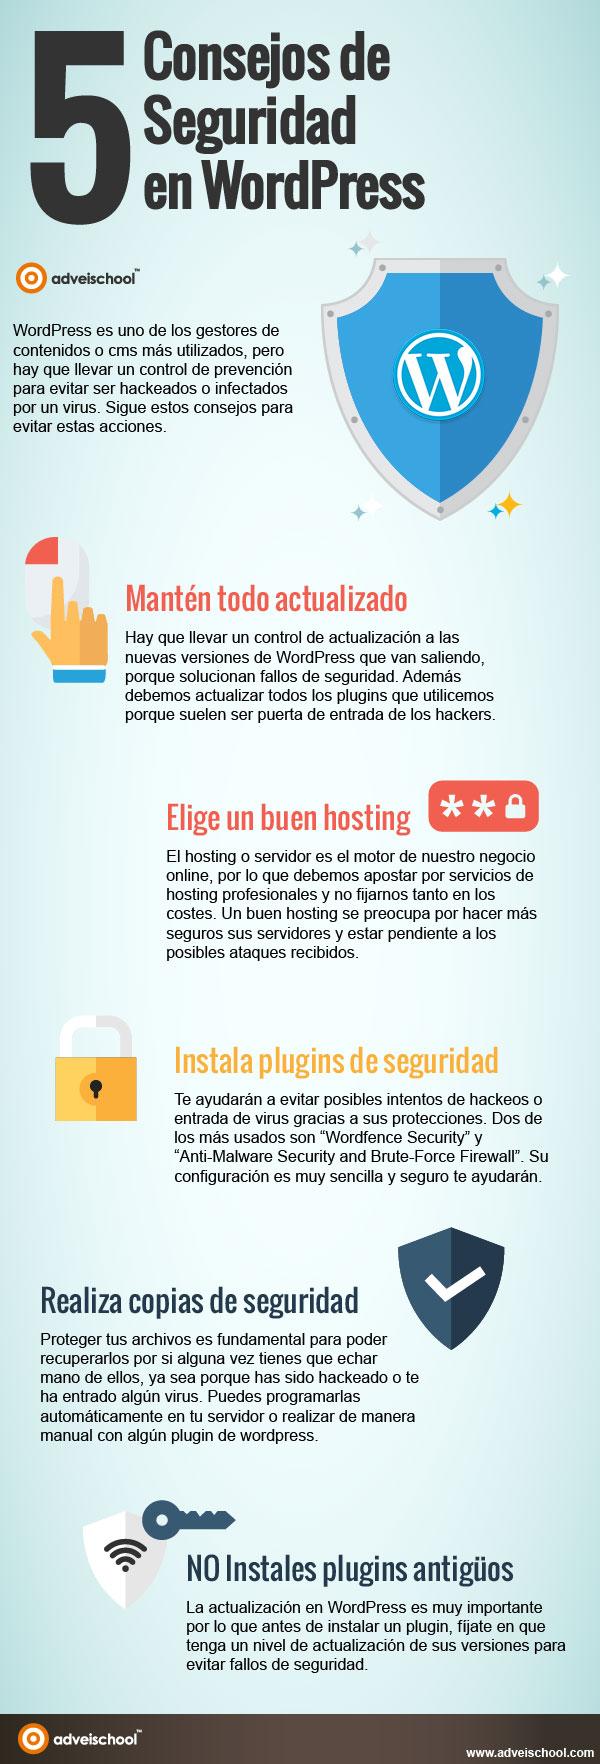 5 consejos de seguridad en WordPress